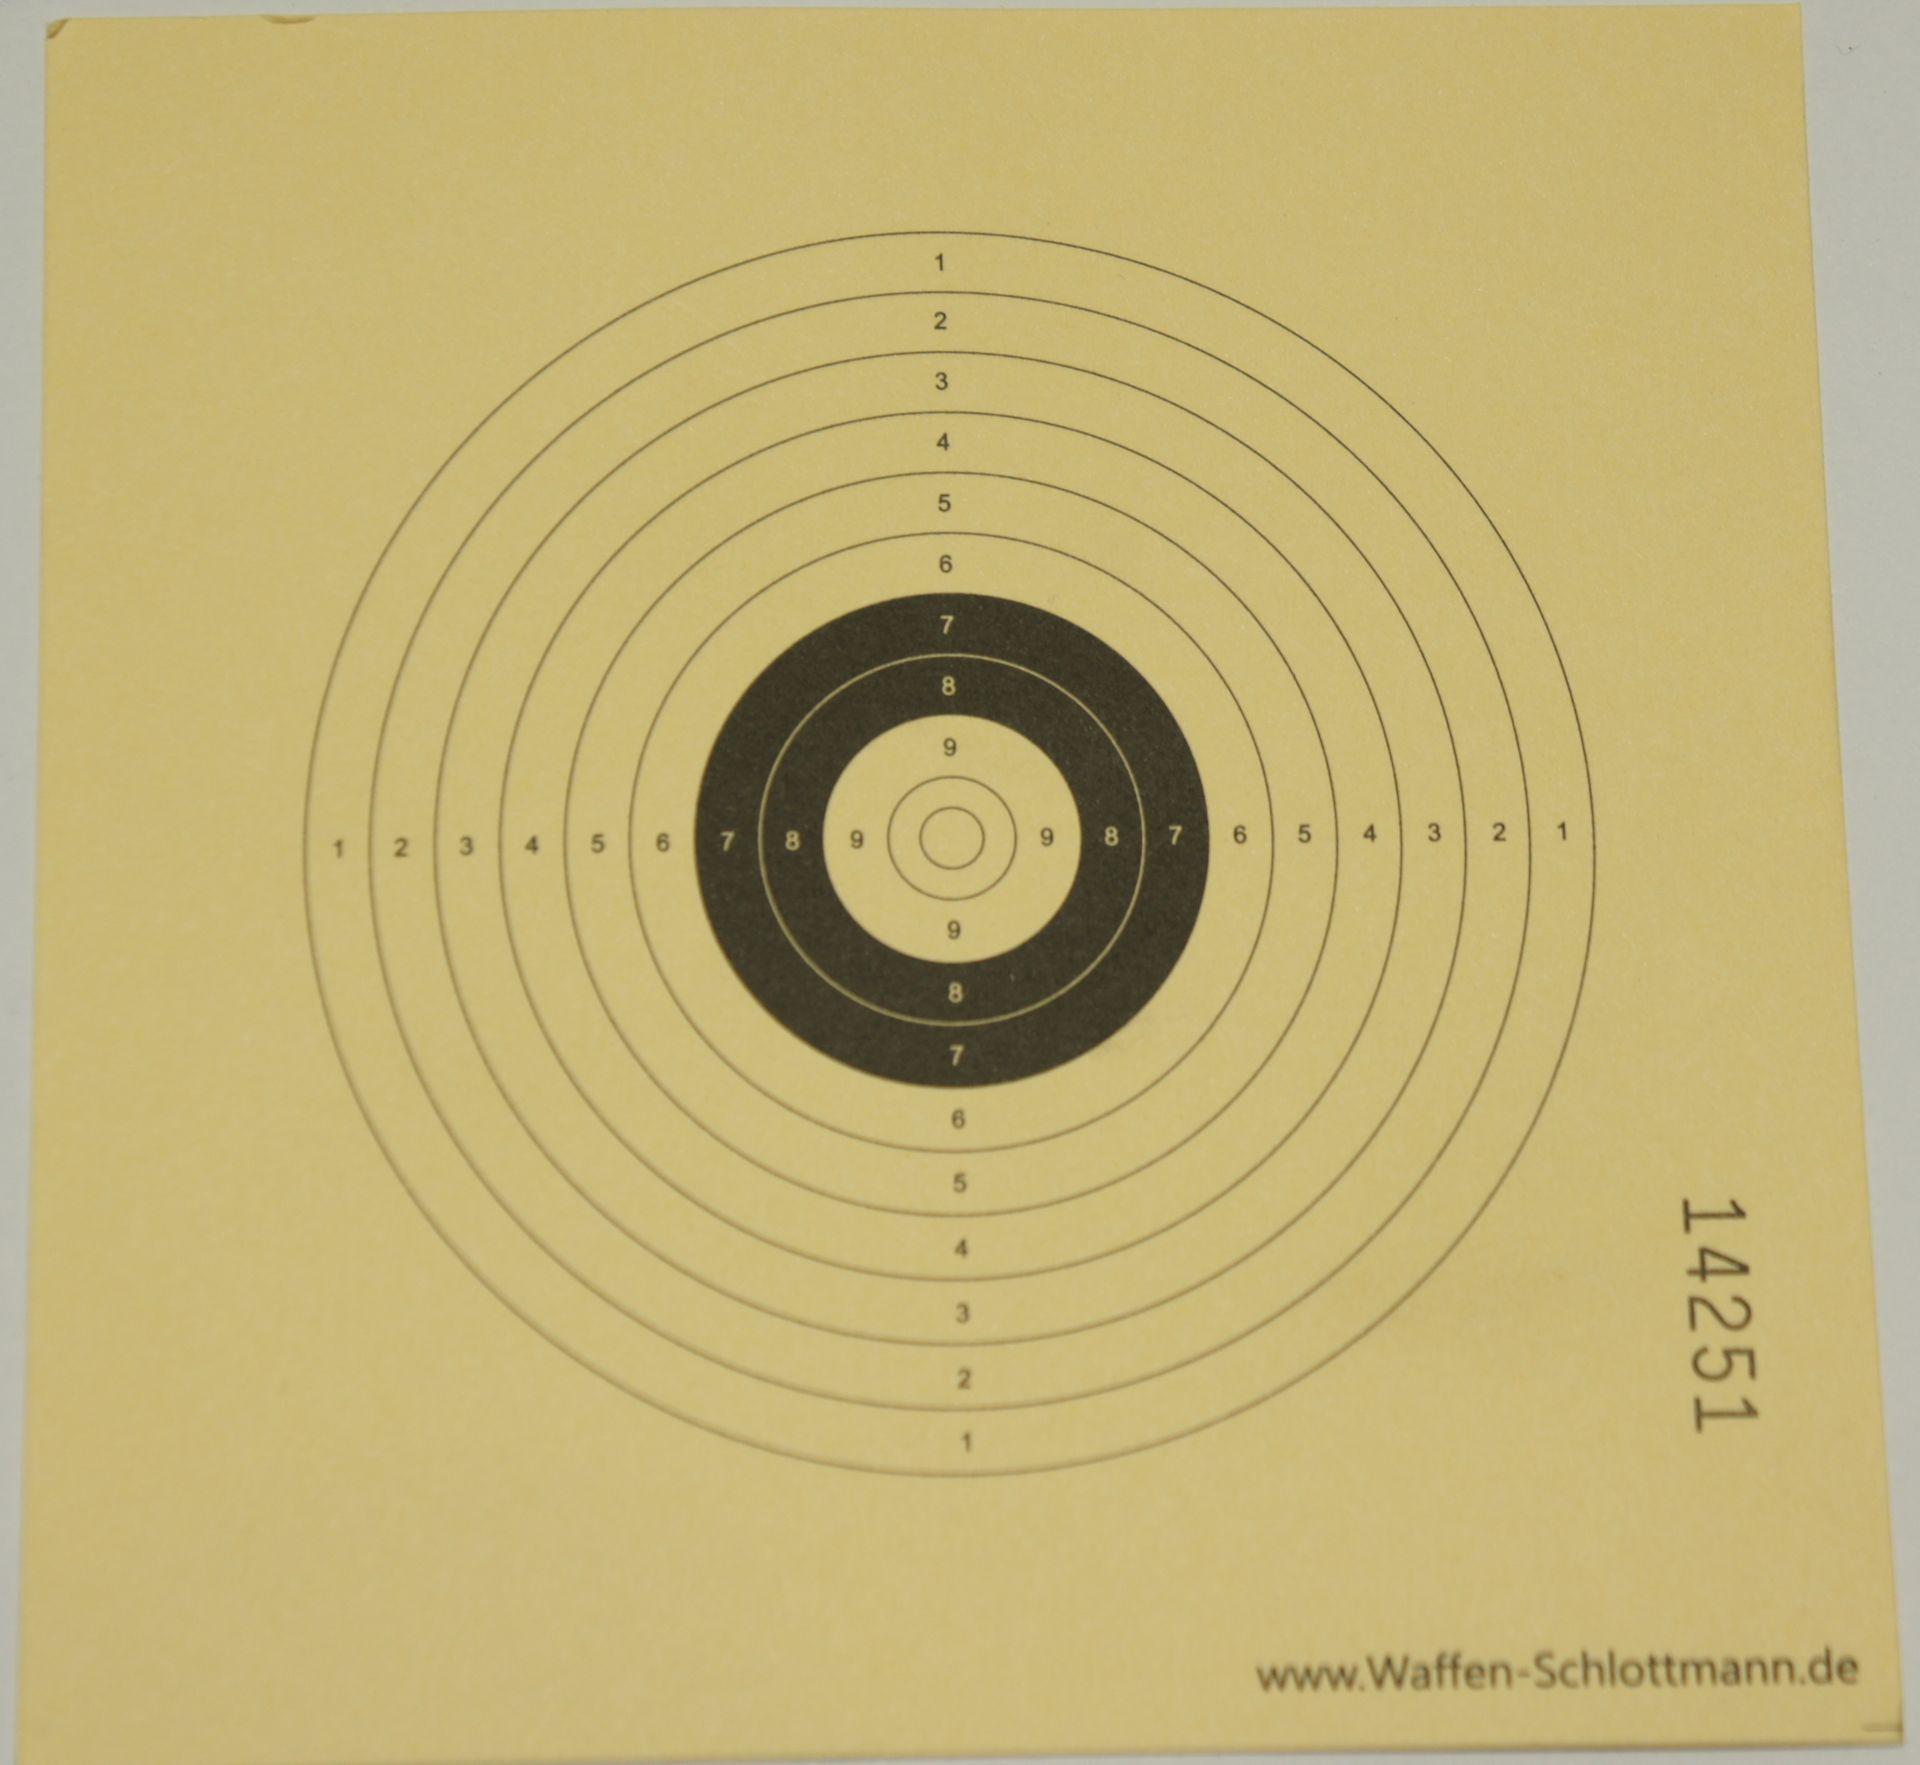 passende Zielscheiben /  <a href=1310315-100.htm> Solche Zielscheiben</a> habe ich aus Eigeninteresse drucken lassen, um damit beispielsweise das Intervallschießen  nach den Regeln der BDS zu Hause trainieren zu können. Für das anvisieren mittels Optik finde ich die weiße Mitte ideal.